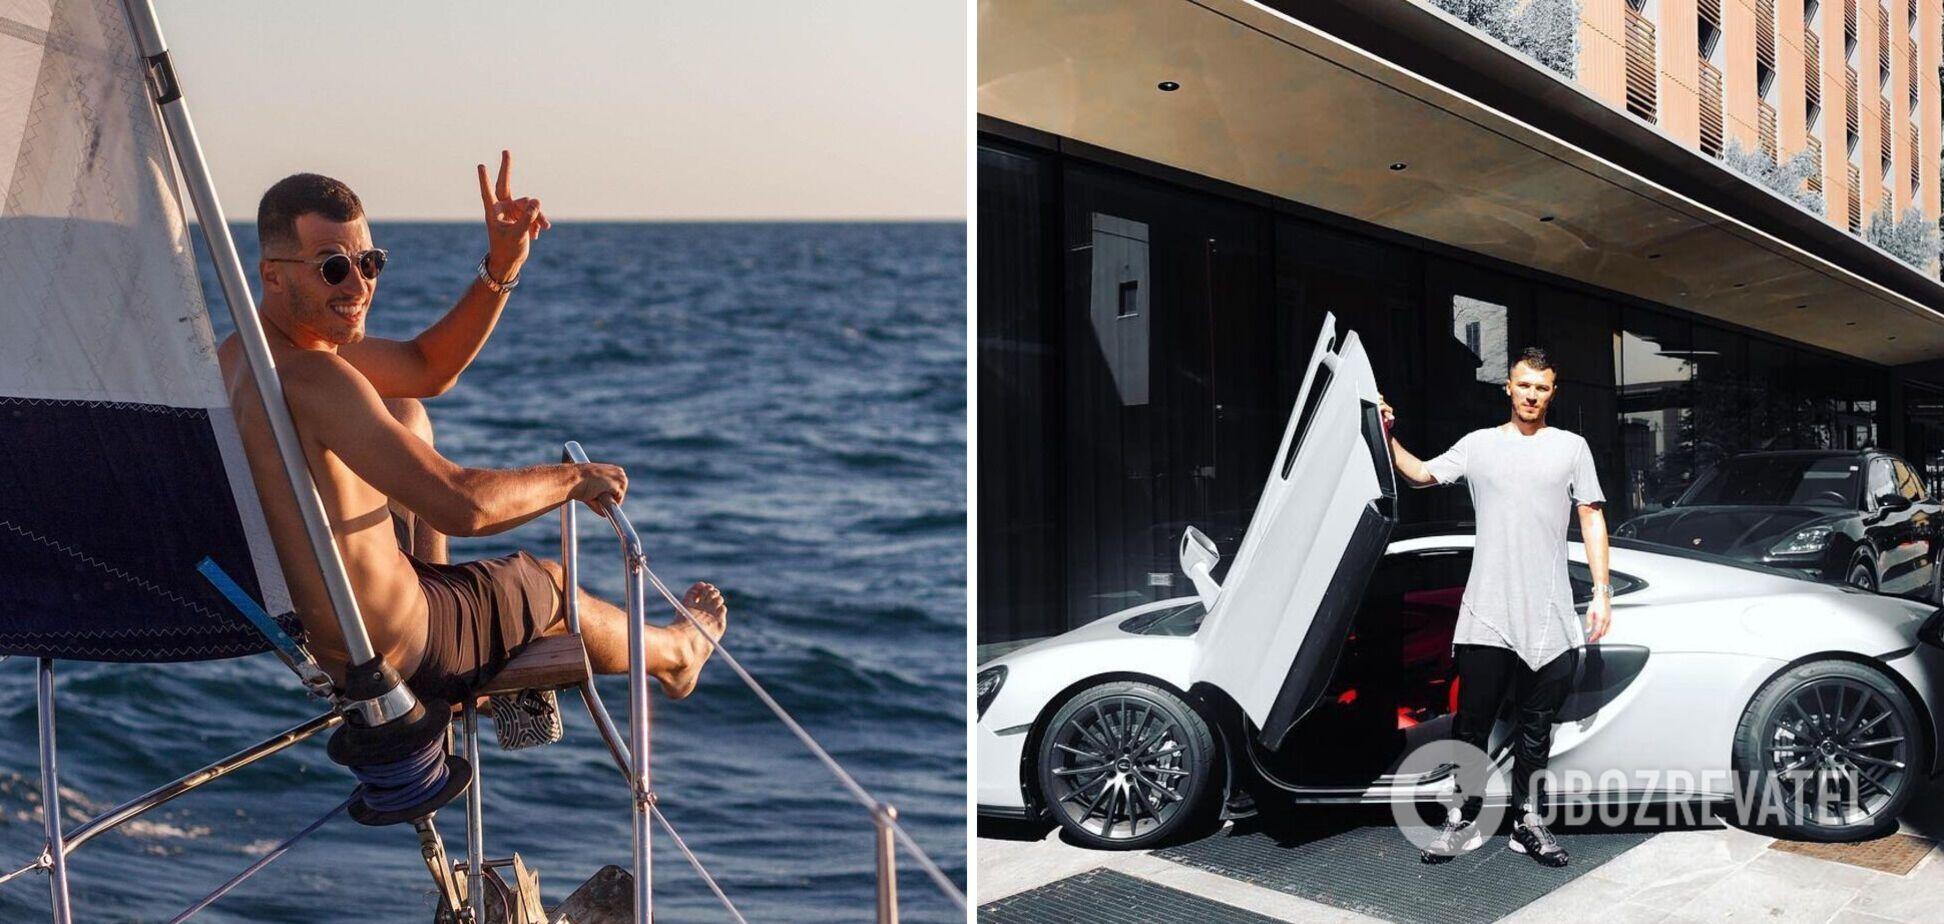 Знакомая об 'организаторе' голой фотосессии в Дубае: у него куча машин и мотоциклов